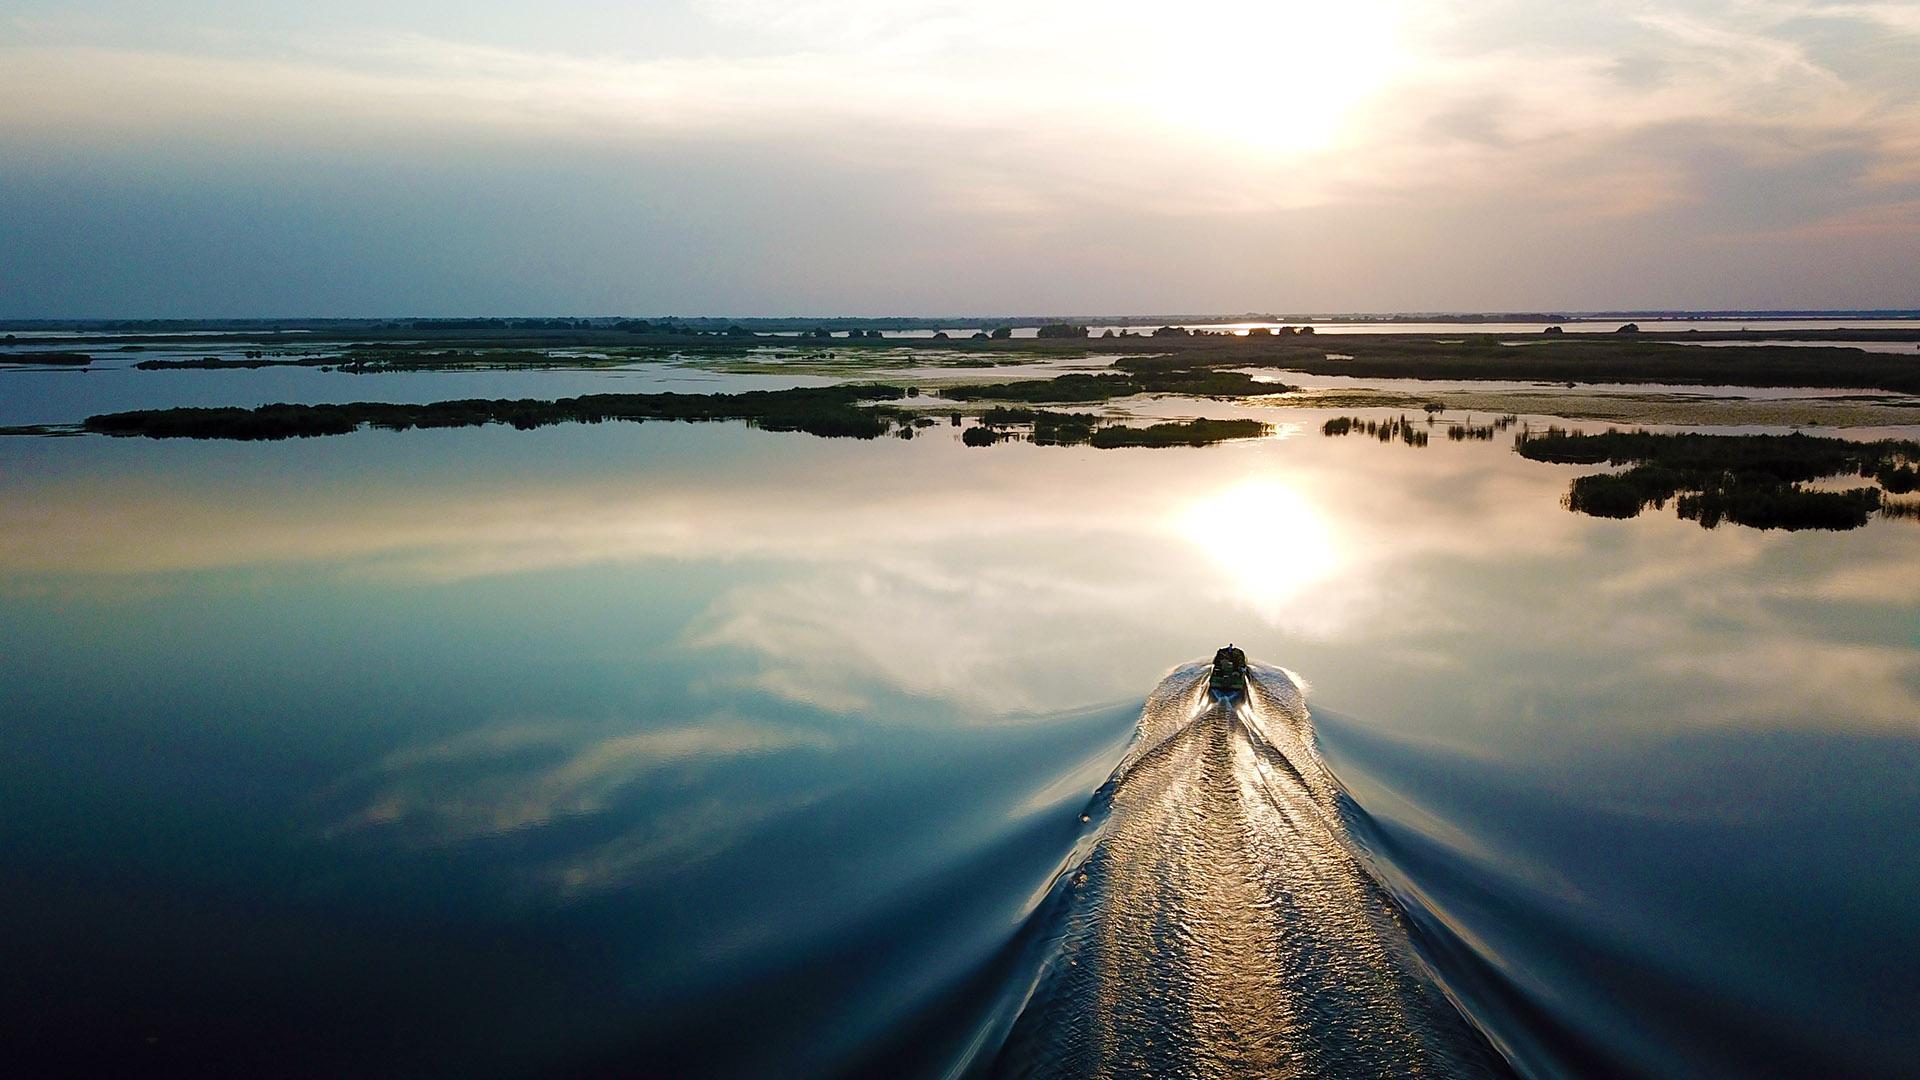 Sejur Privat în Delta Dunării, Mila23, cu excursii zilnice incluse